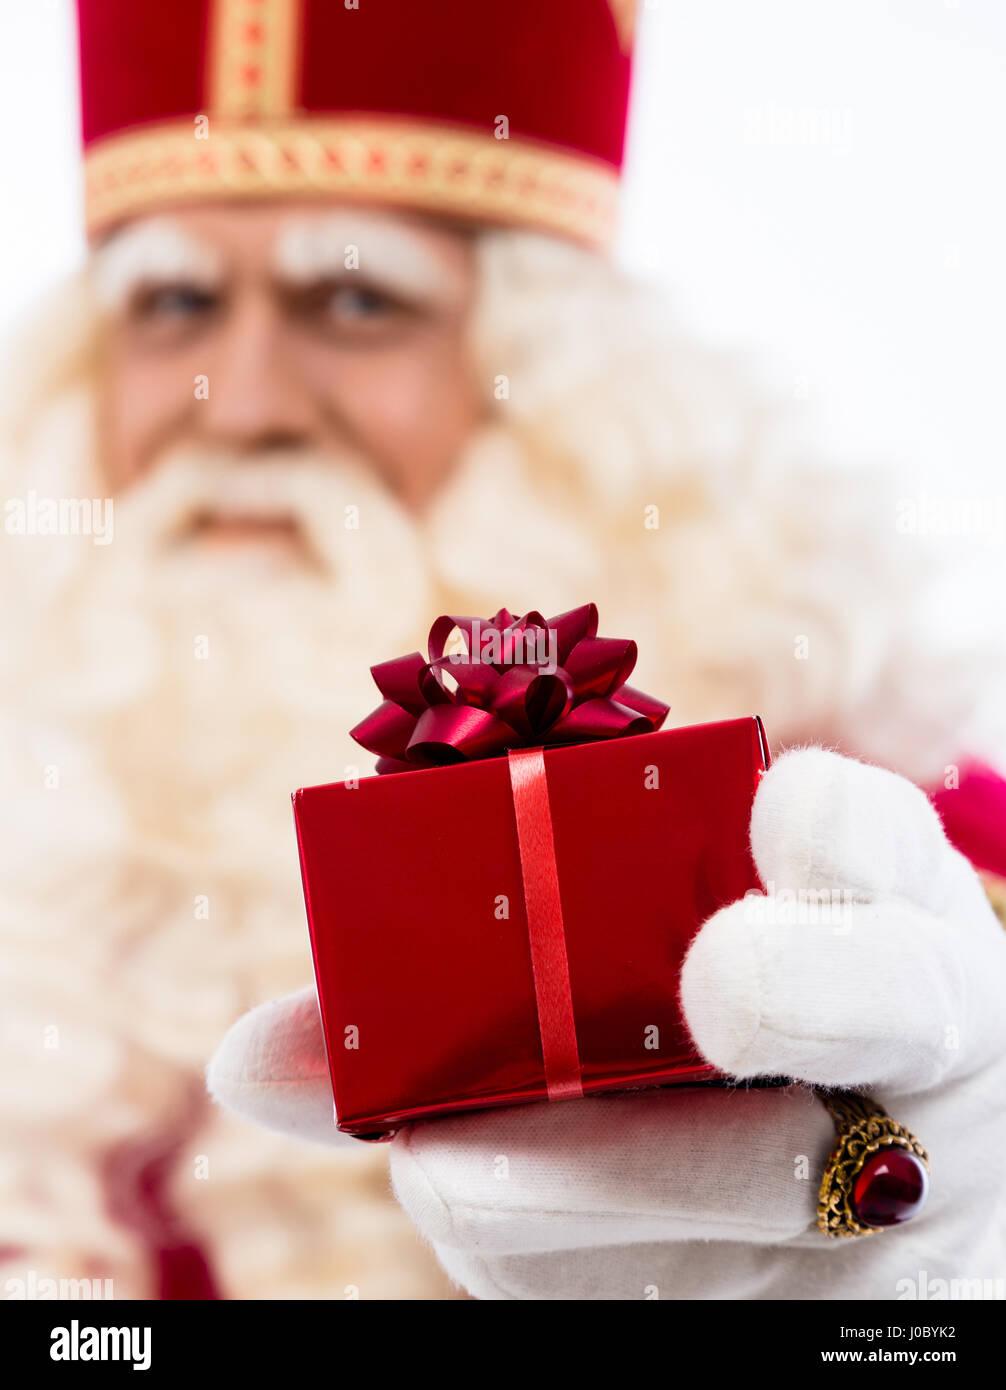 Sinterklaas Mit Geschenk Typische Hollandische Zeichen Teil Einer